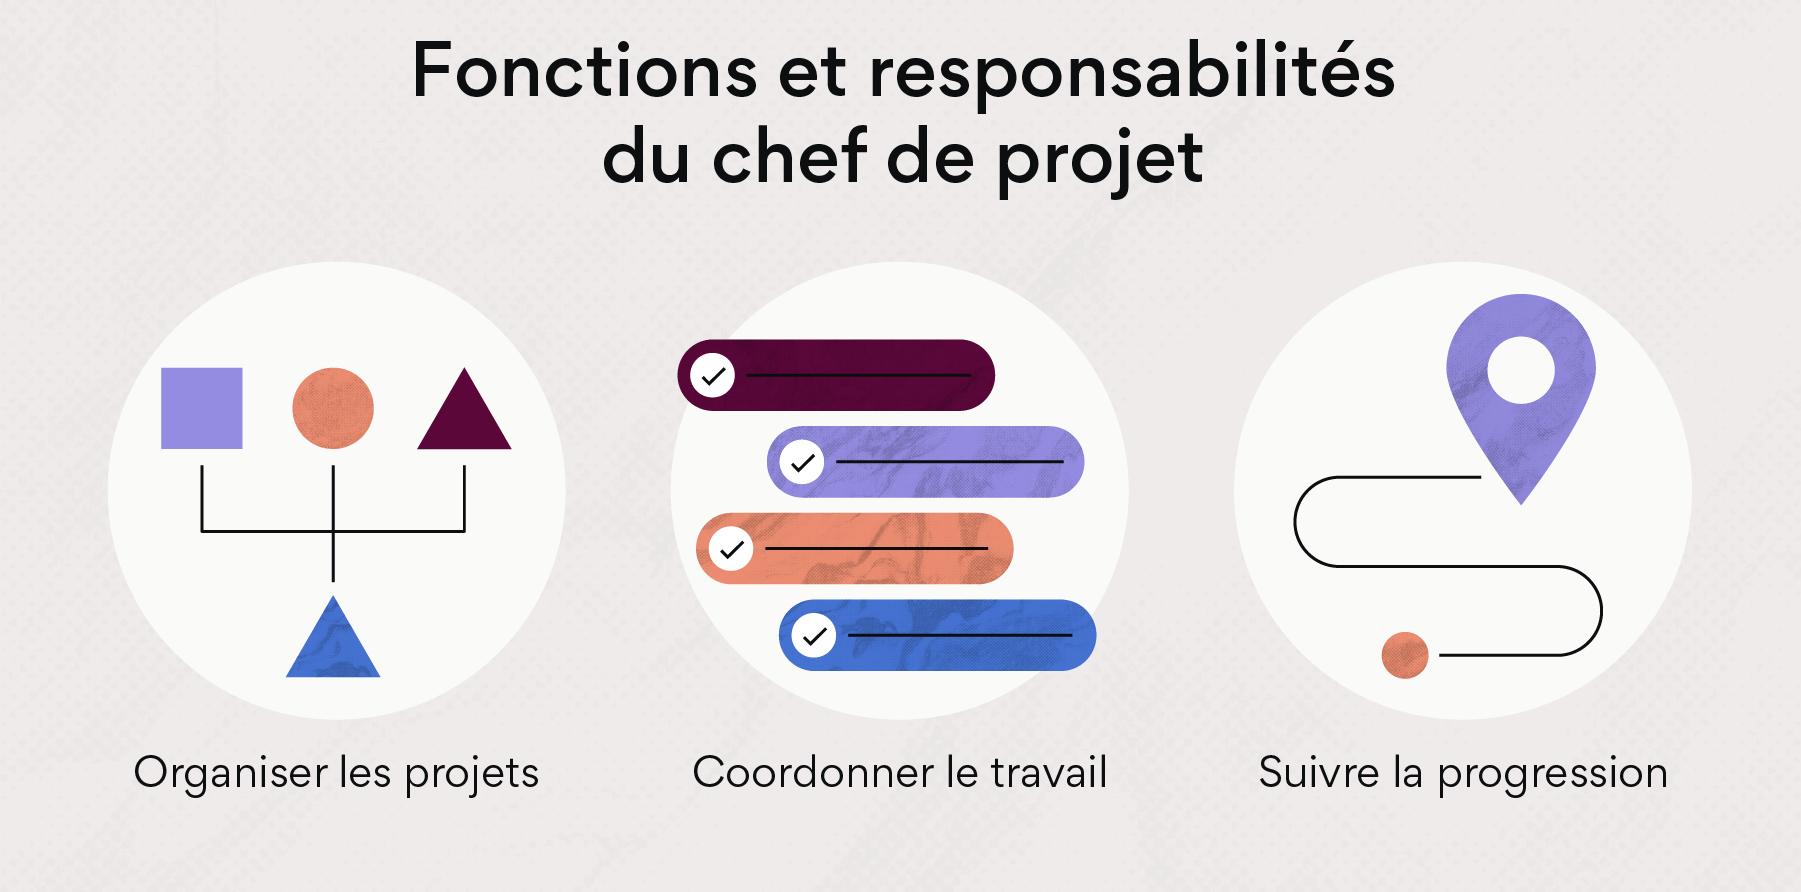 Fonctions et responsabilités du chef de projet